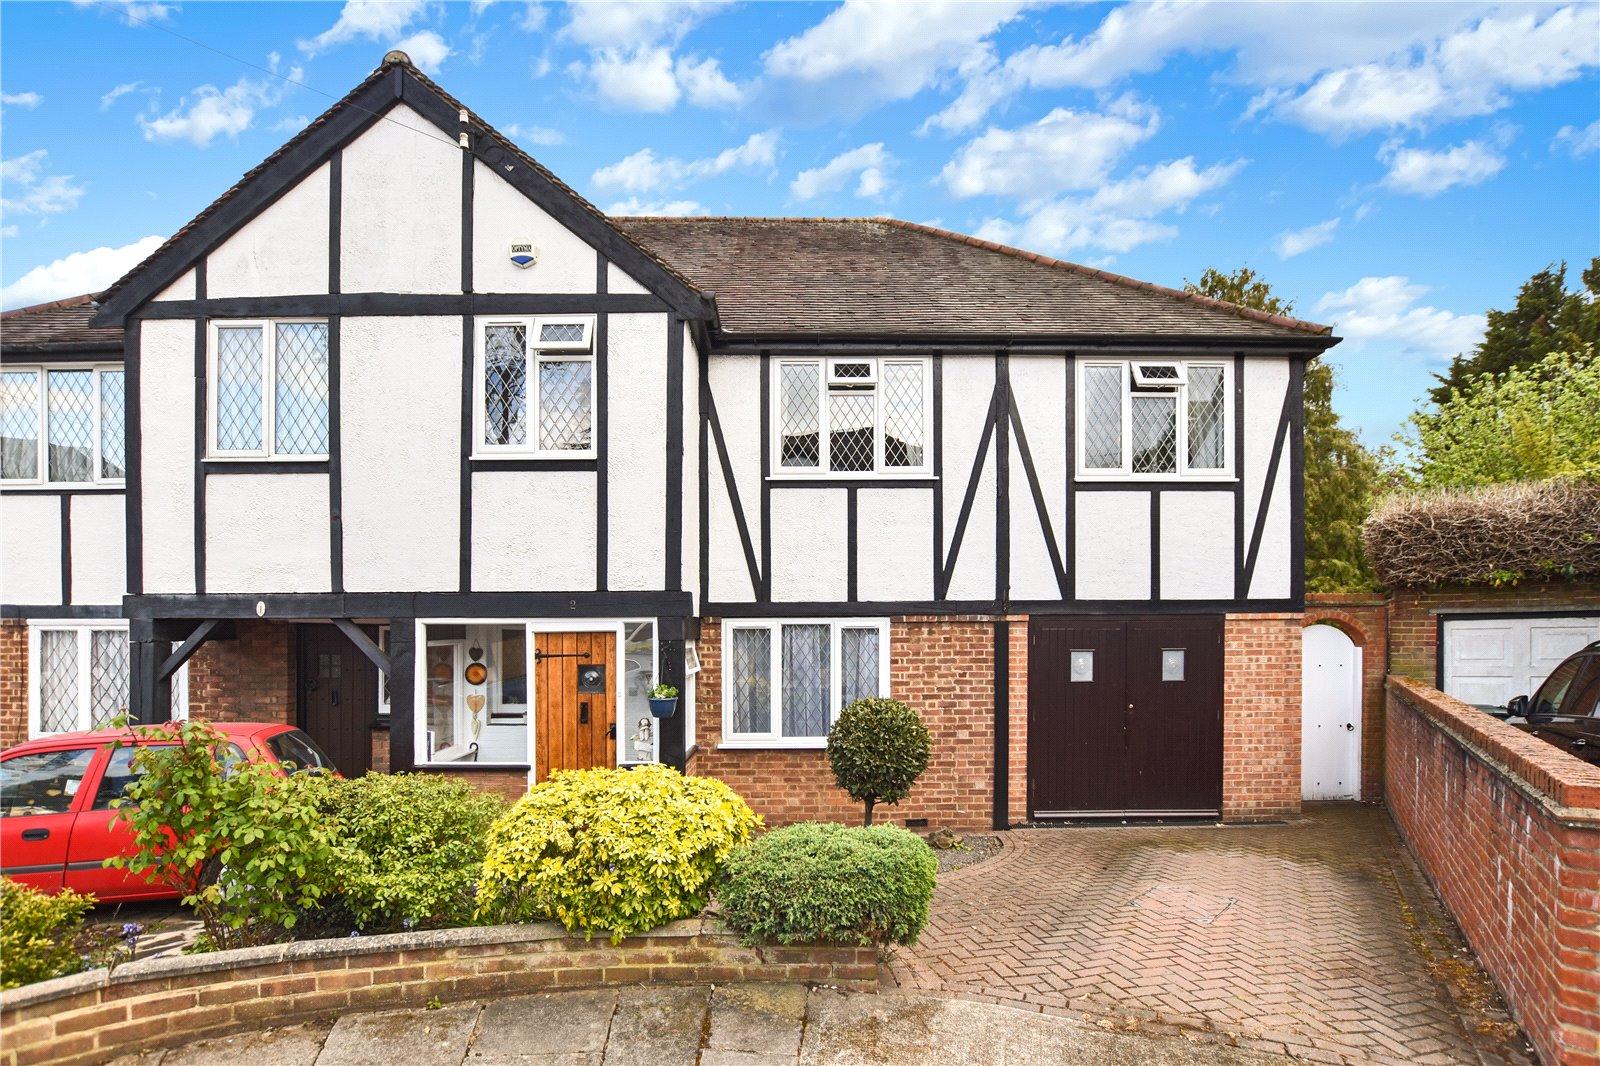 Arcadian Road, Bexley, Kent, DA5